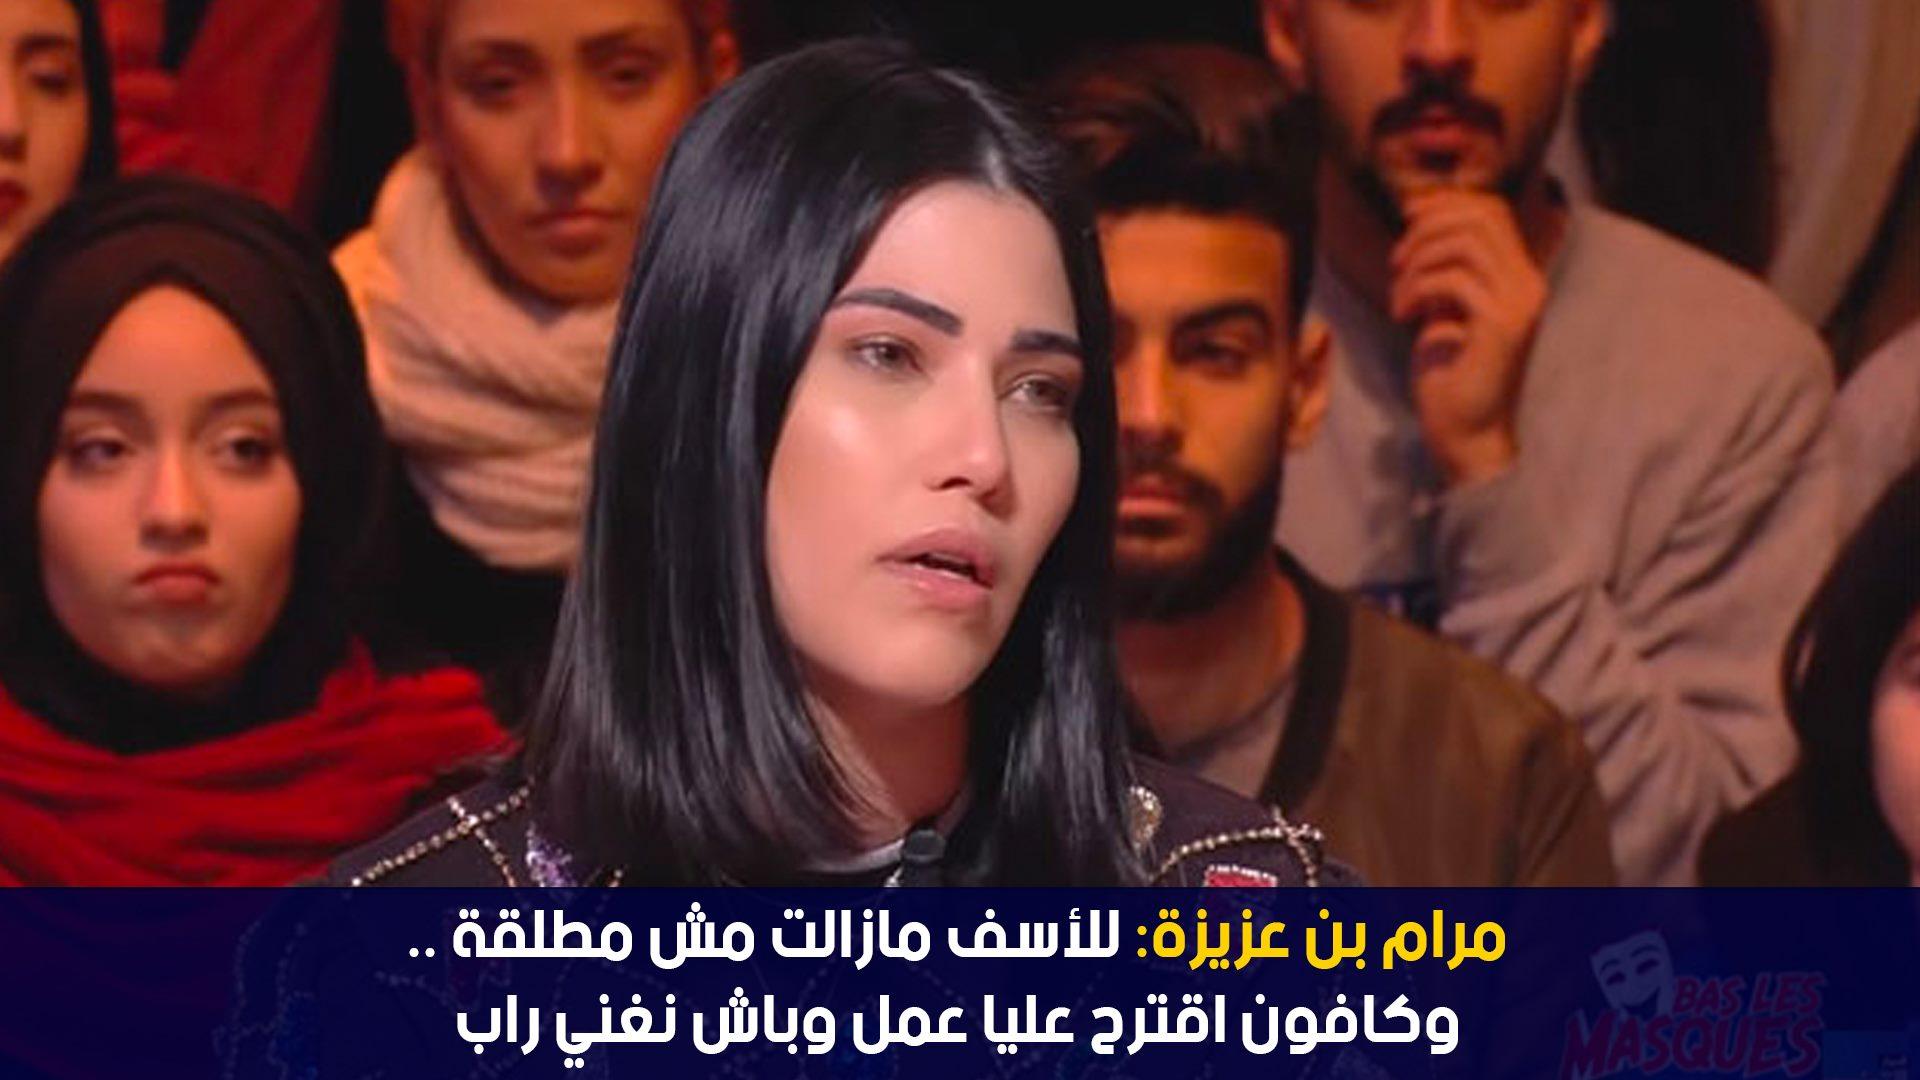 مرام بن عزيزة: للأسف مازالت مش مطلقة ..وكافون اقترح عليا عمل وباش نغني راب